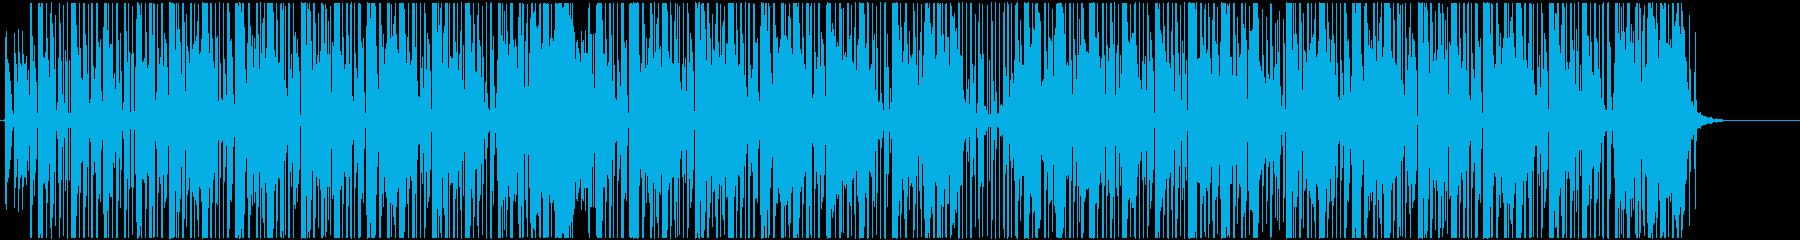 ギターのカッティングとラップの再生済みの波形